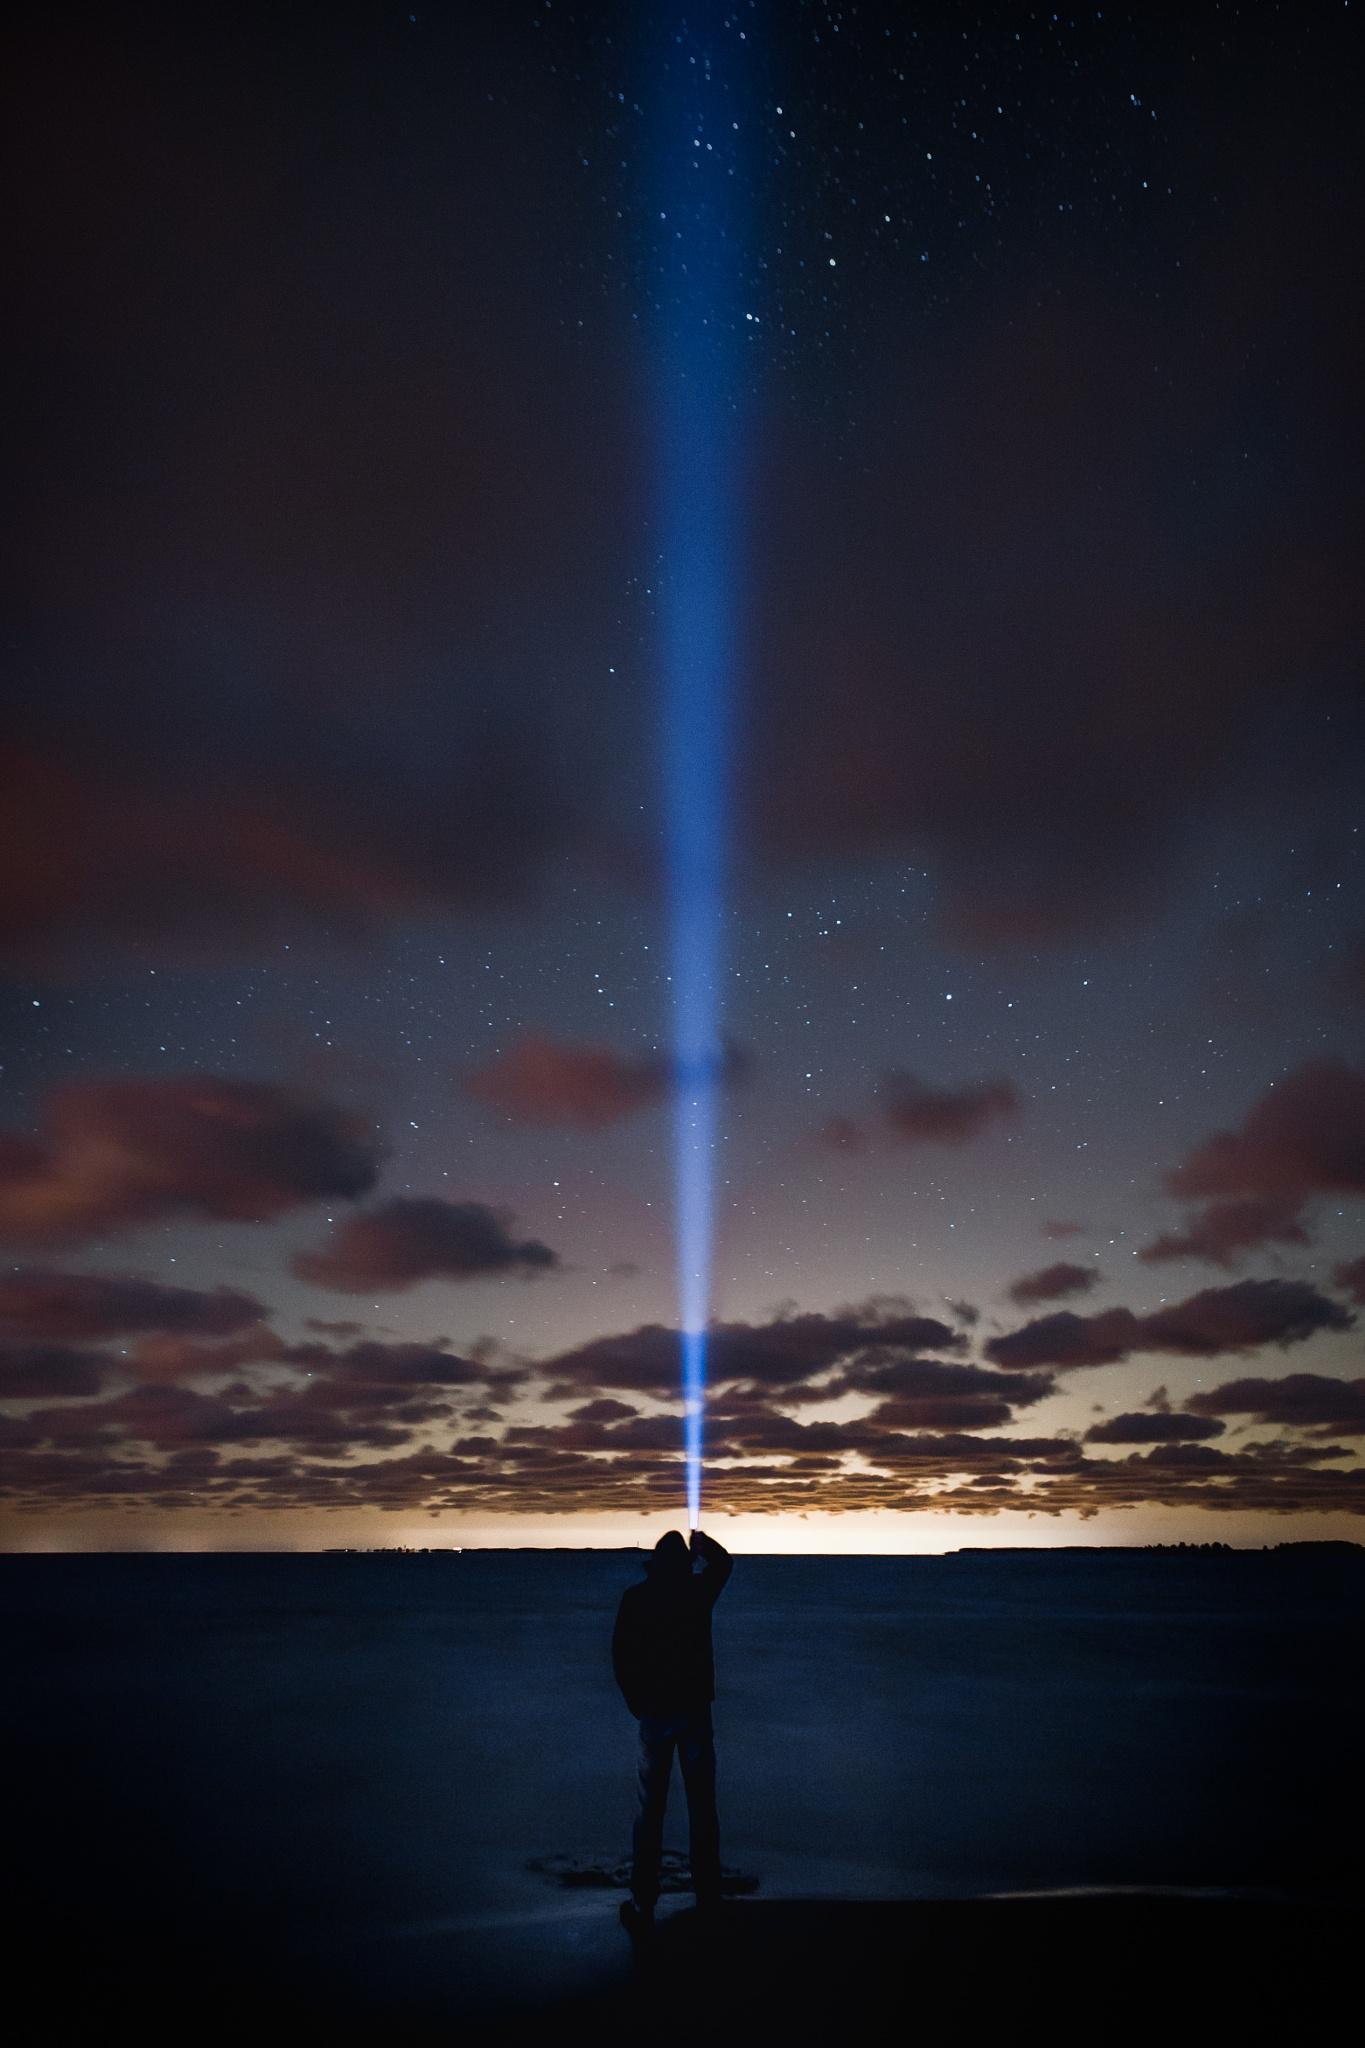 Looking for Stars by Jaanus Jagomägi